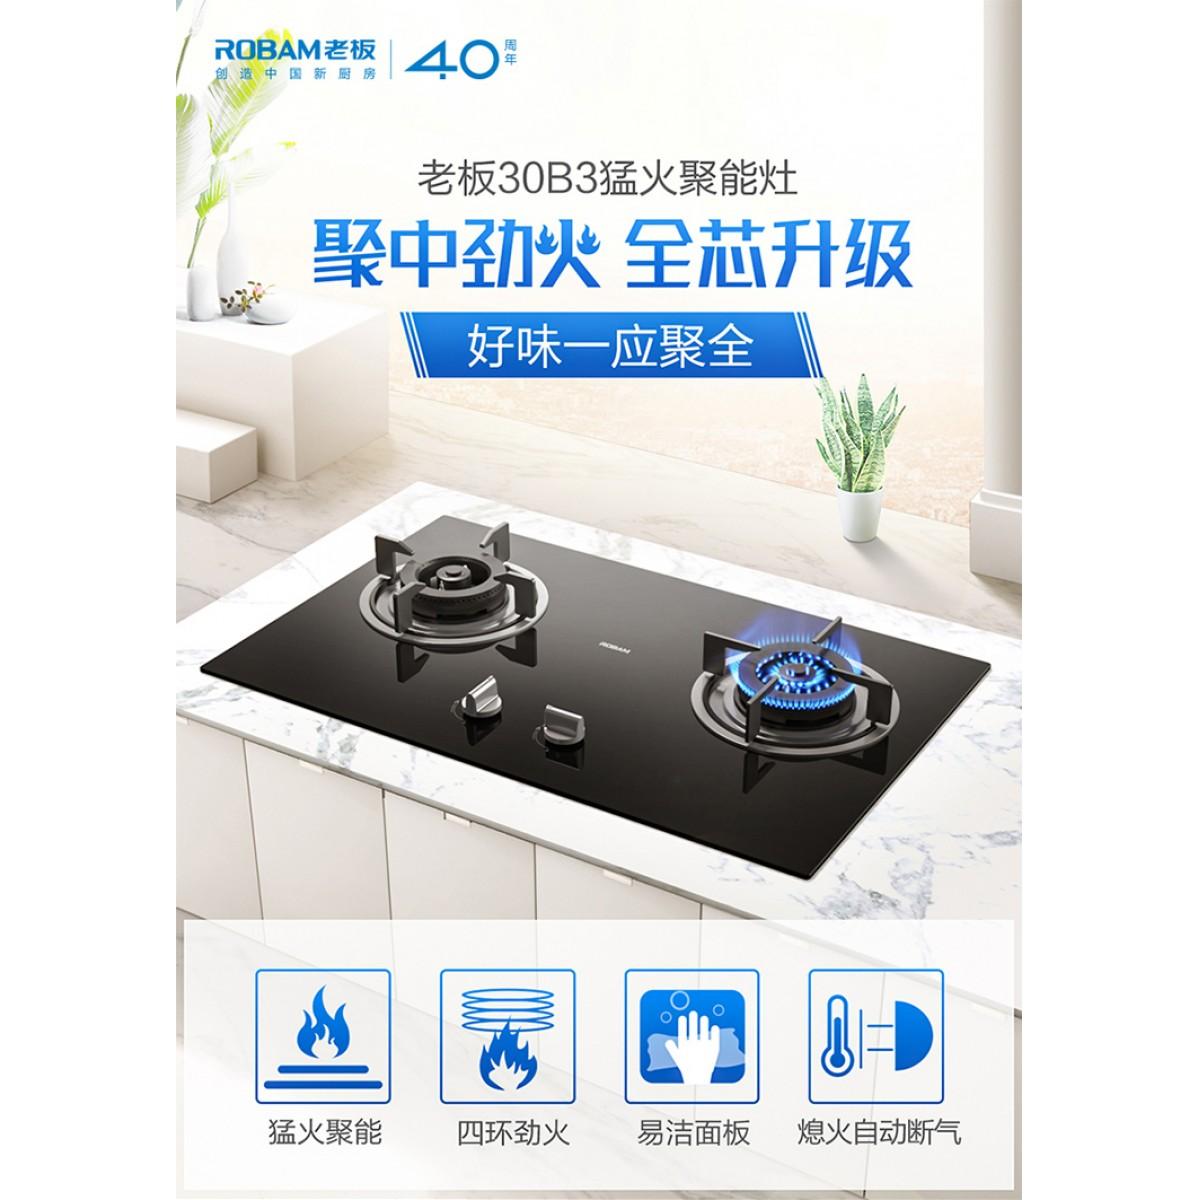 老板 嵌入式燃气灶煤气灶双灶家用4kW大火力钢化玻璃灶具30B3